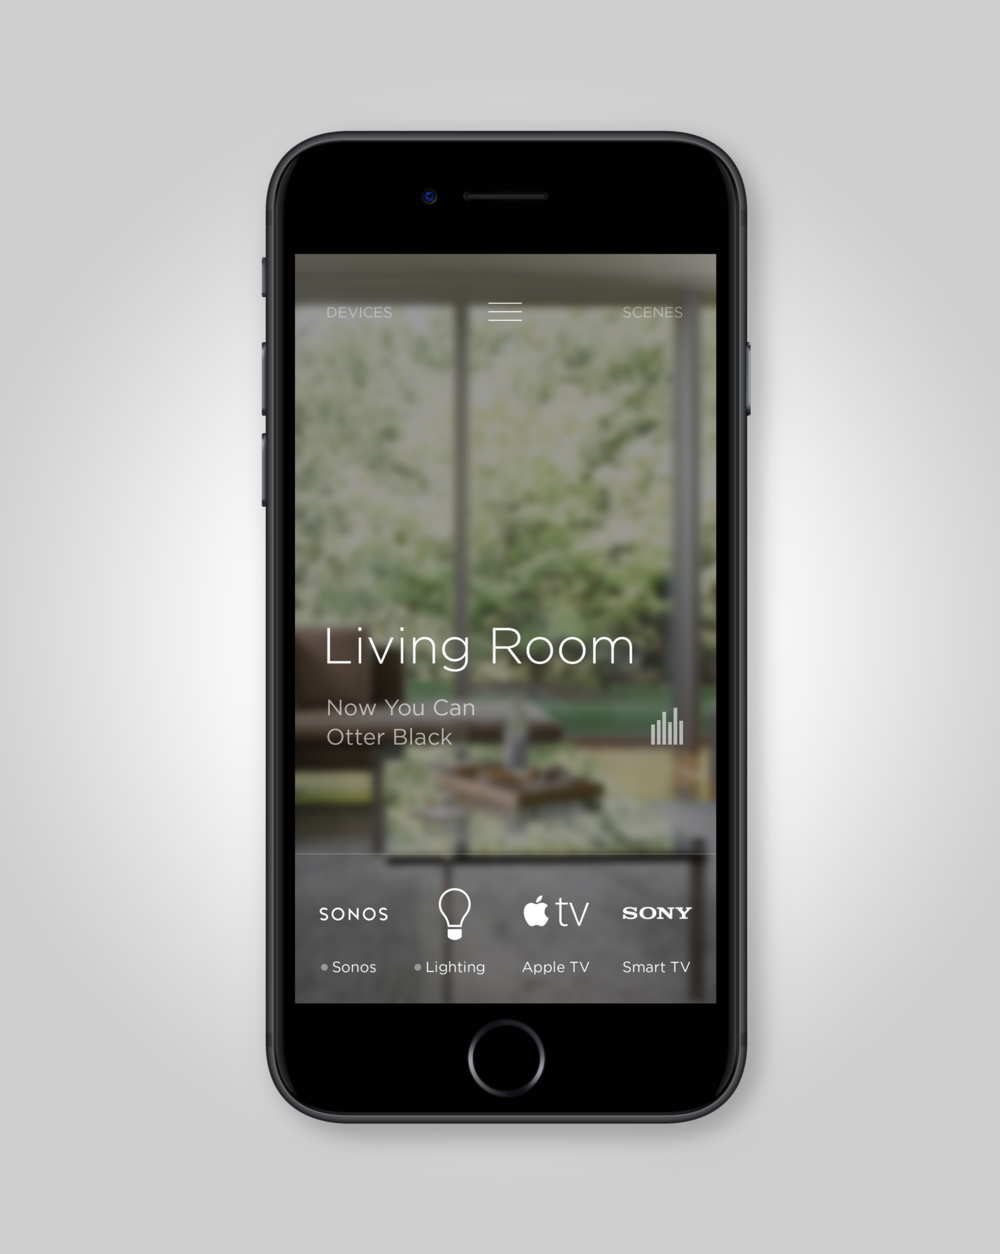 Iphone Livingroom.png